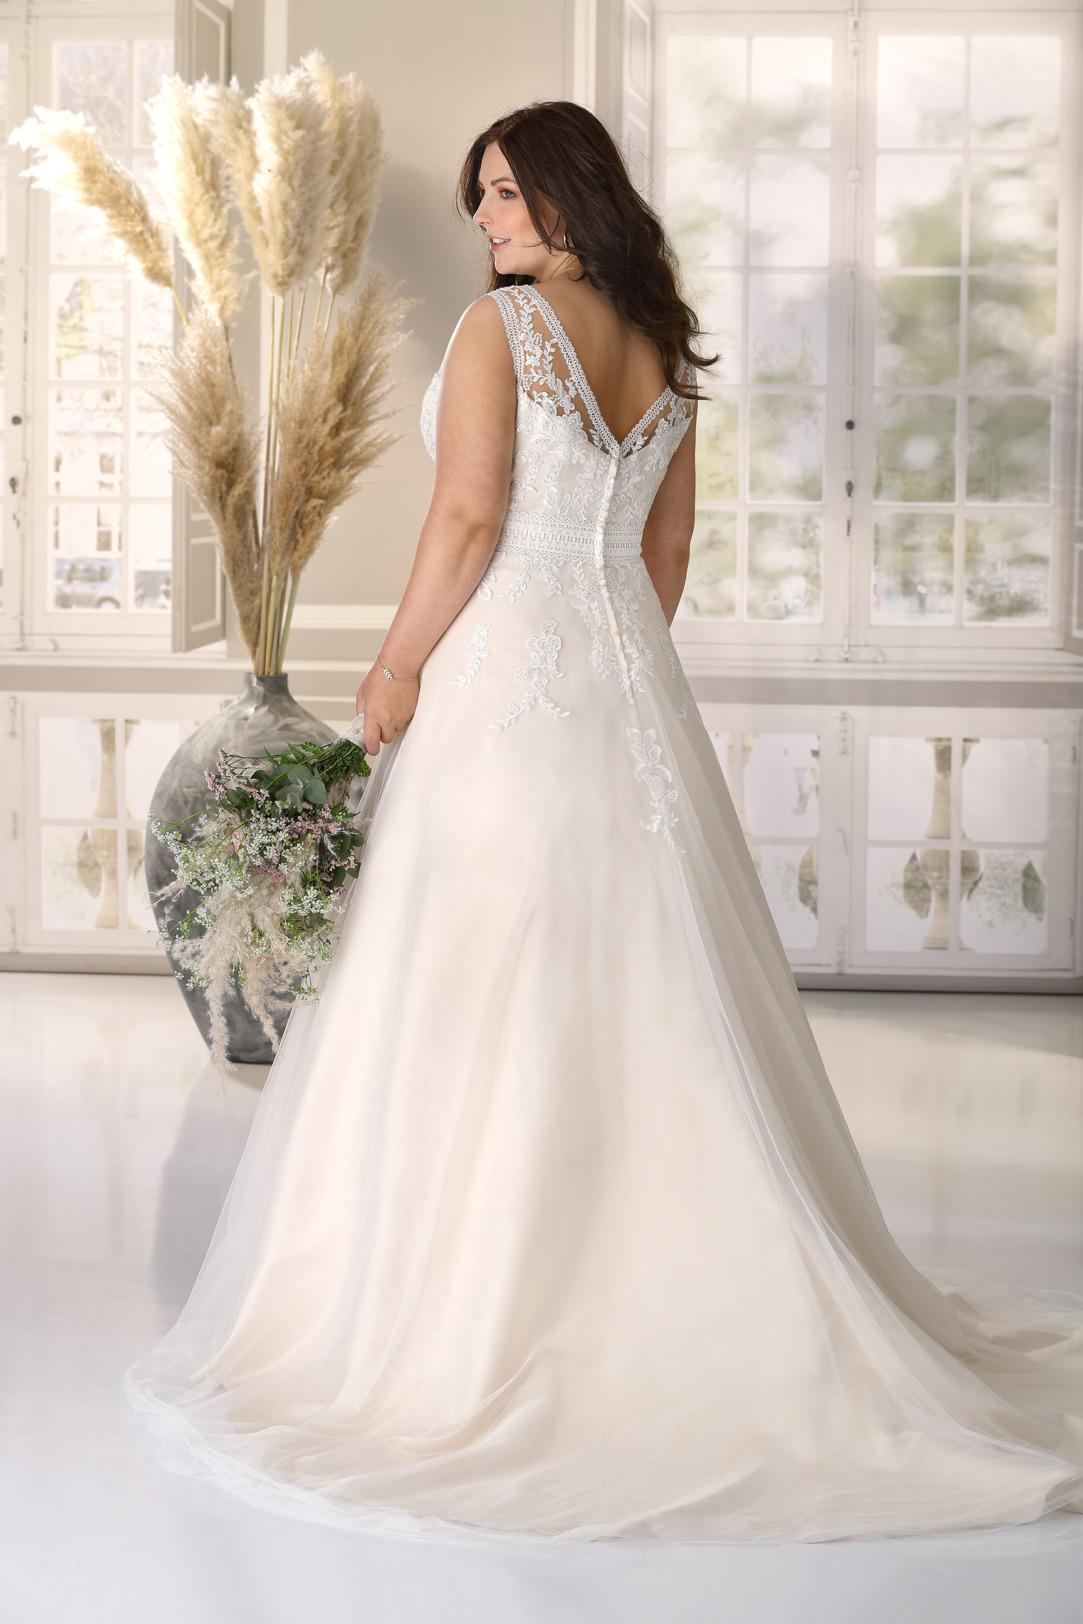 Brautkleid Hochzeitskleid in A Linie für curvy grosse Grössen von Ladybird Modell LS721004 mit V Ausschnitt und breiten Trägern Spitzen Applikationen das Kleid in der Farbe light rose gold ebenfalls V Ausschnitt am Rücken